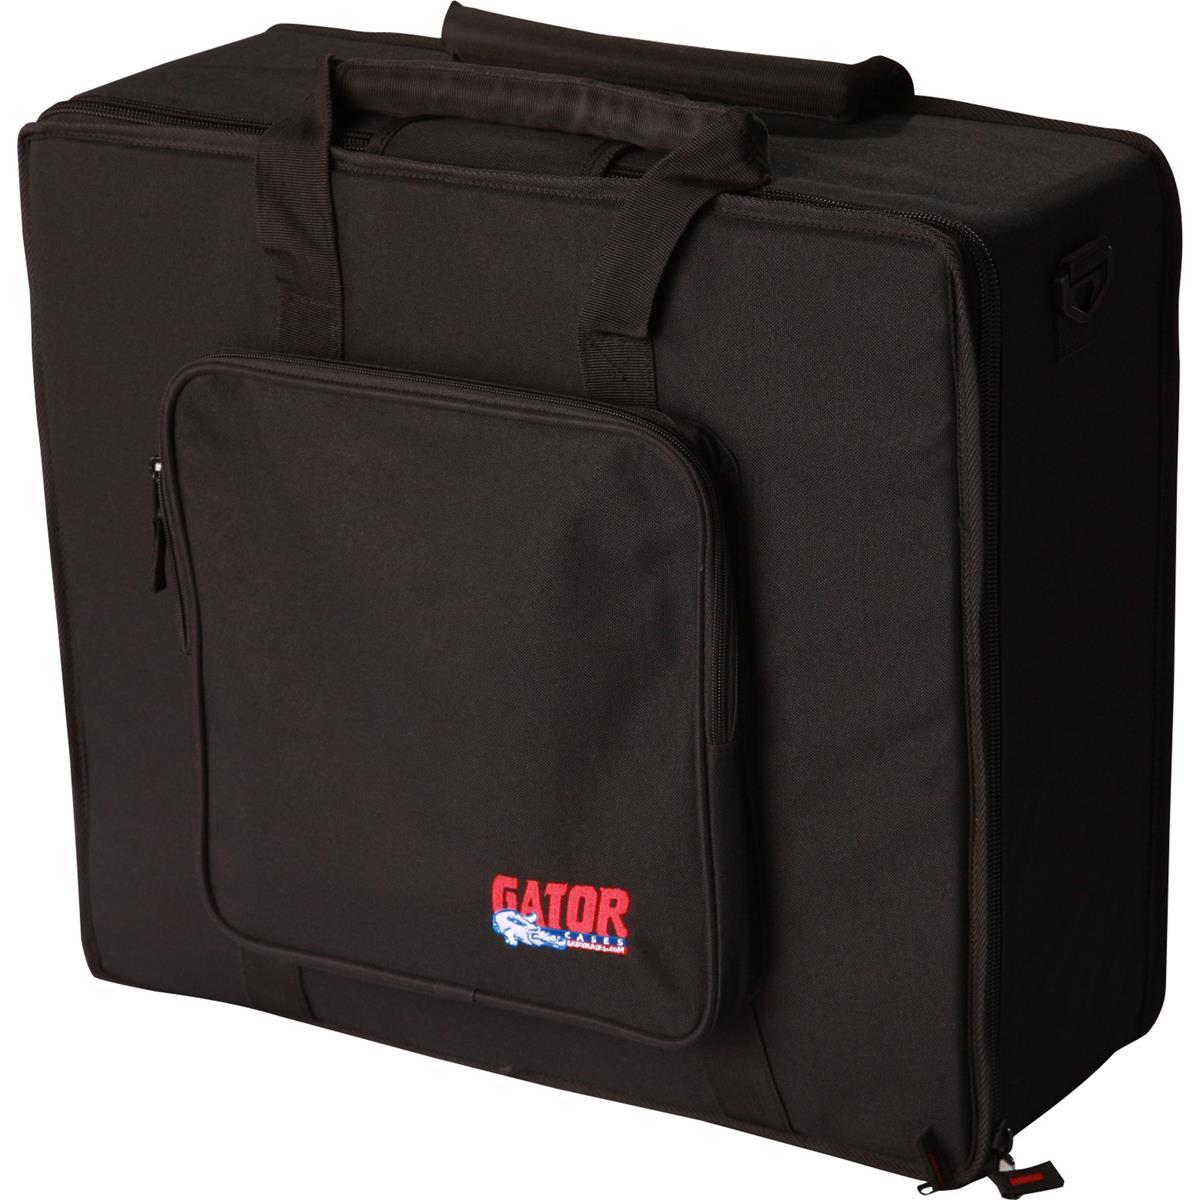 Gator-Cases-G-MIX-L-1822-astuccio-light-ultra-sottile-per-mixer-sku-2757727418027